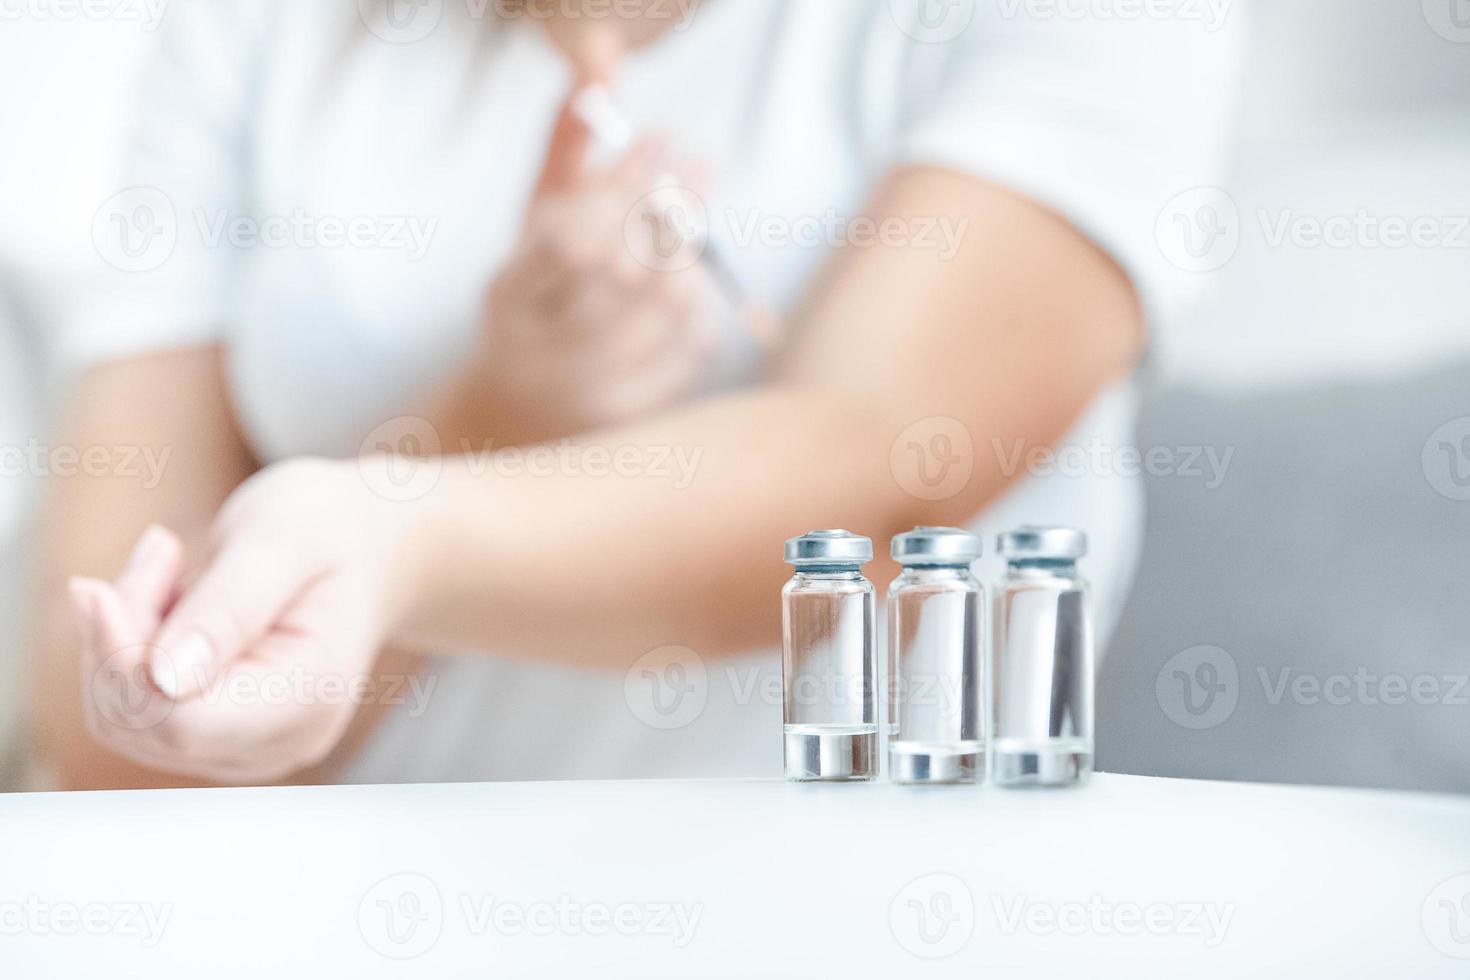 garrafas de vidro com insulina contra mulher fazendo picada foto